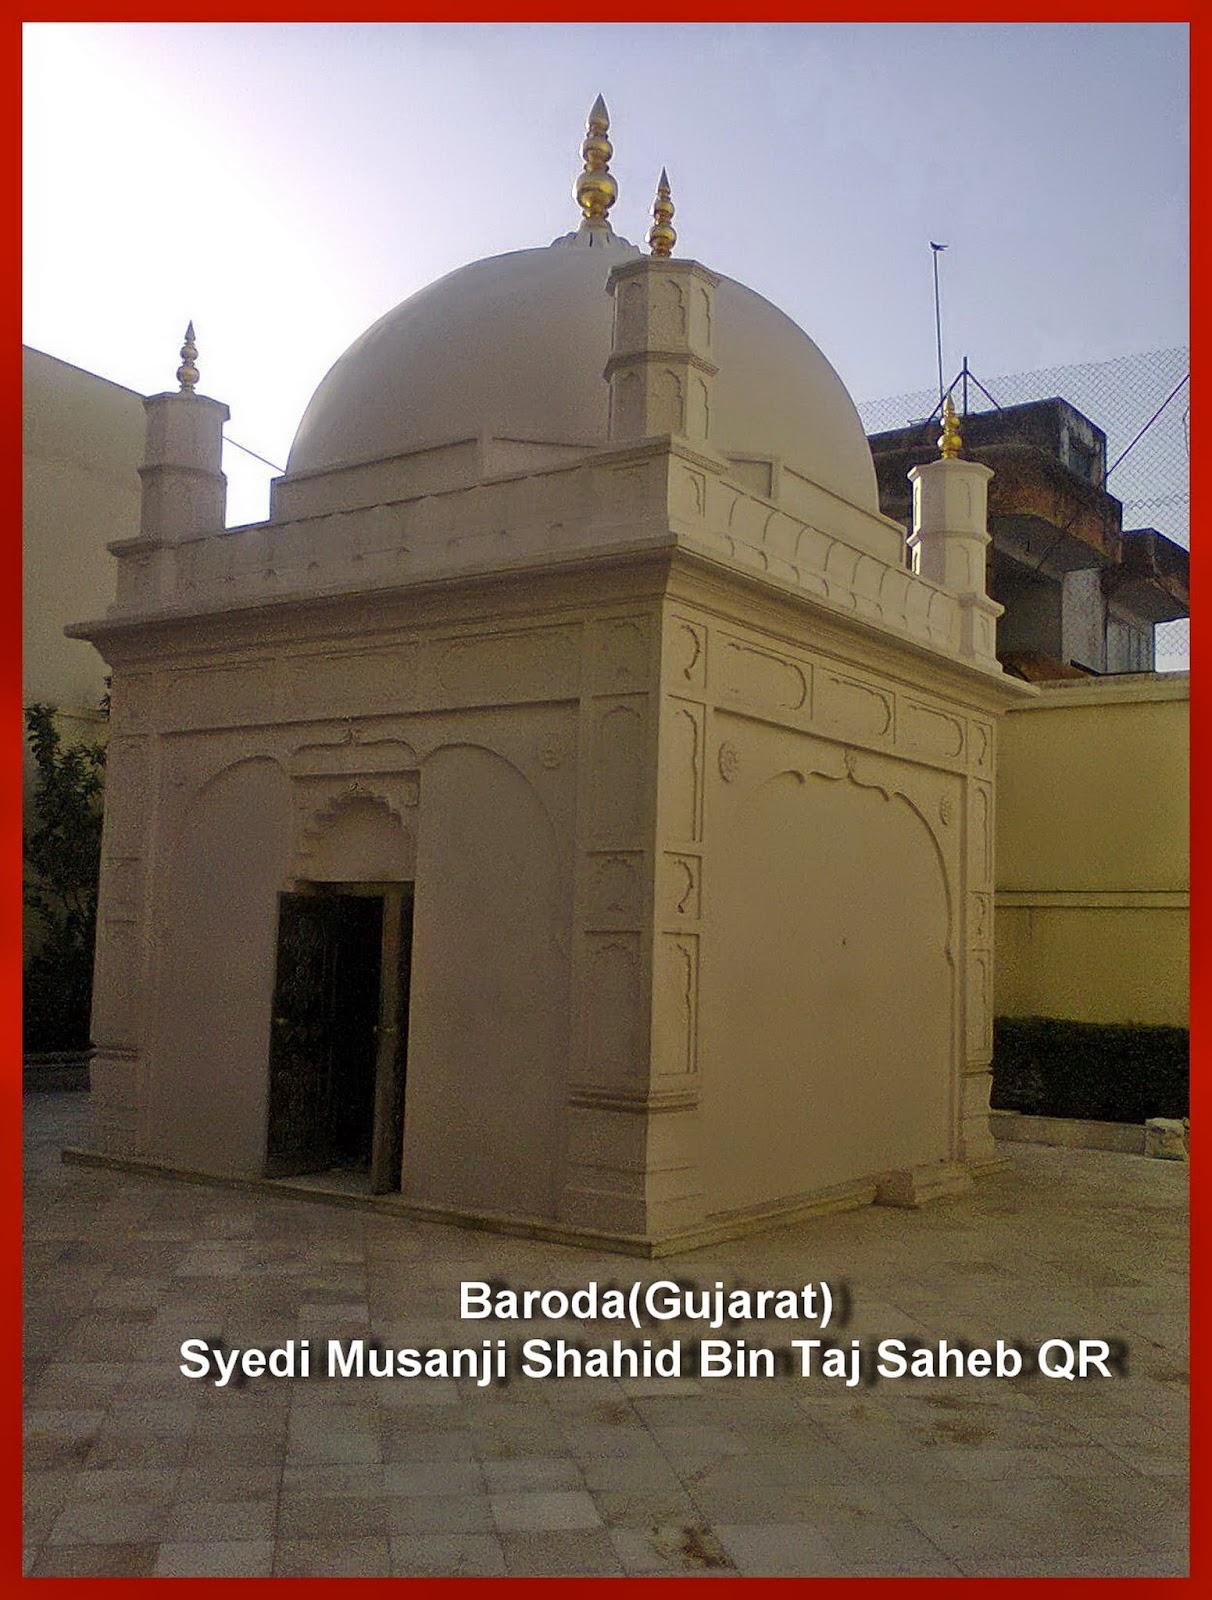 Baroda Ziyarat-Gujarat